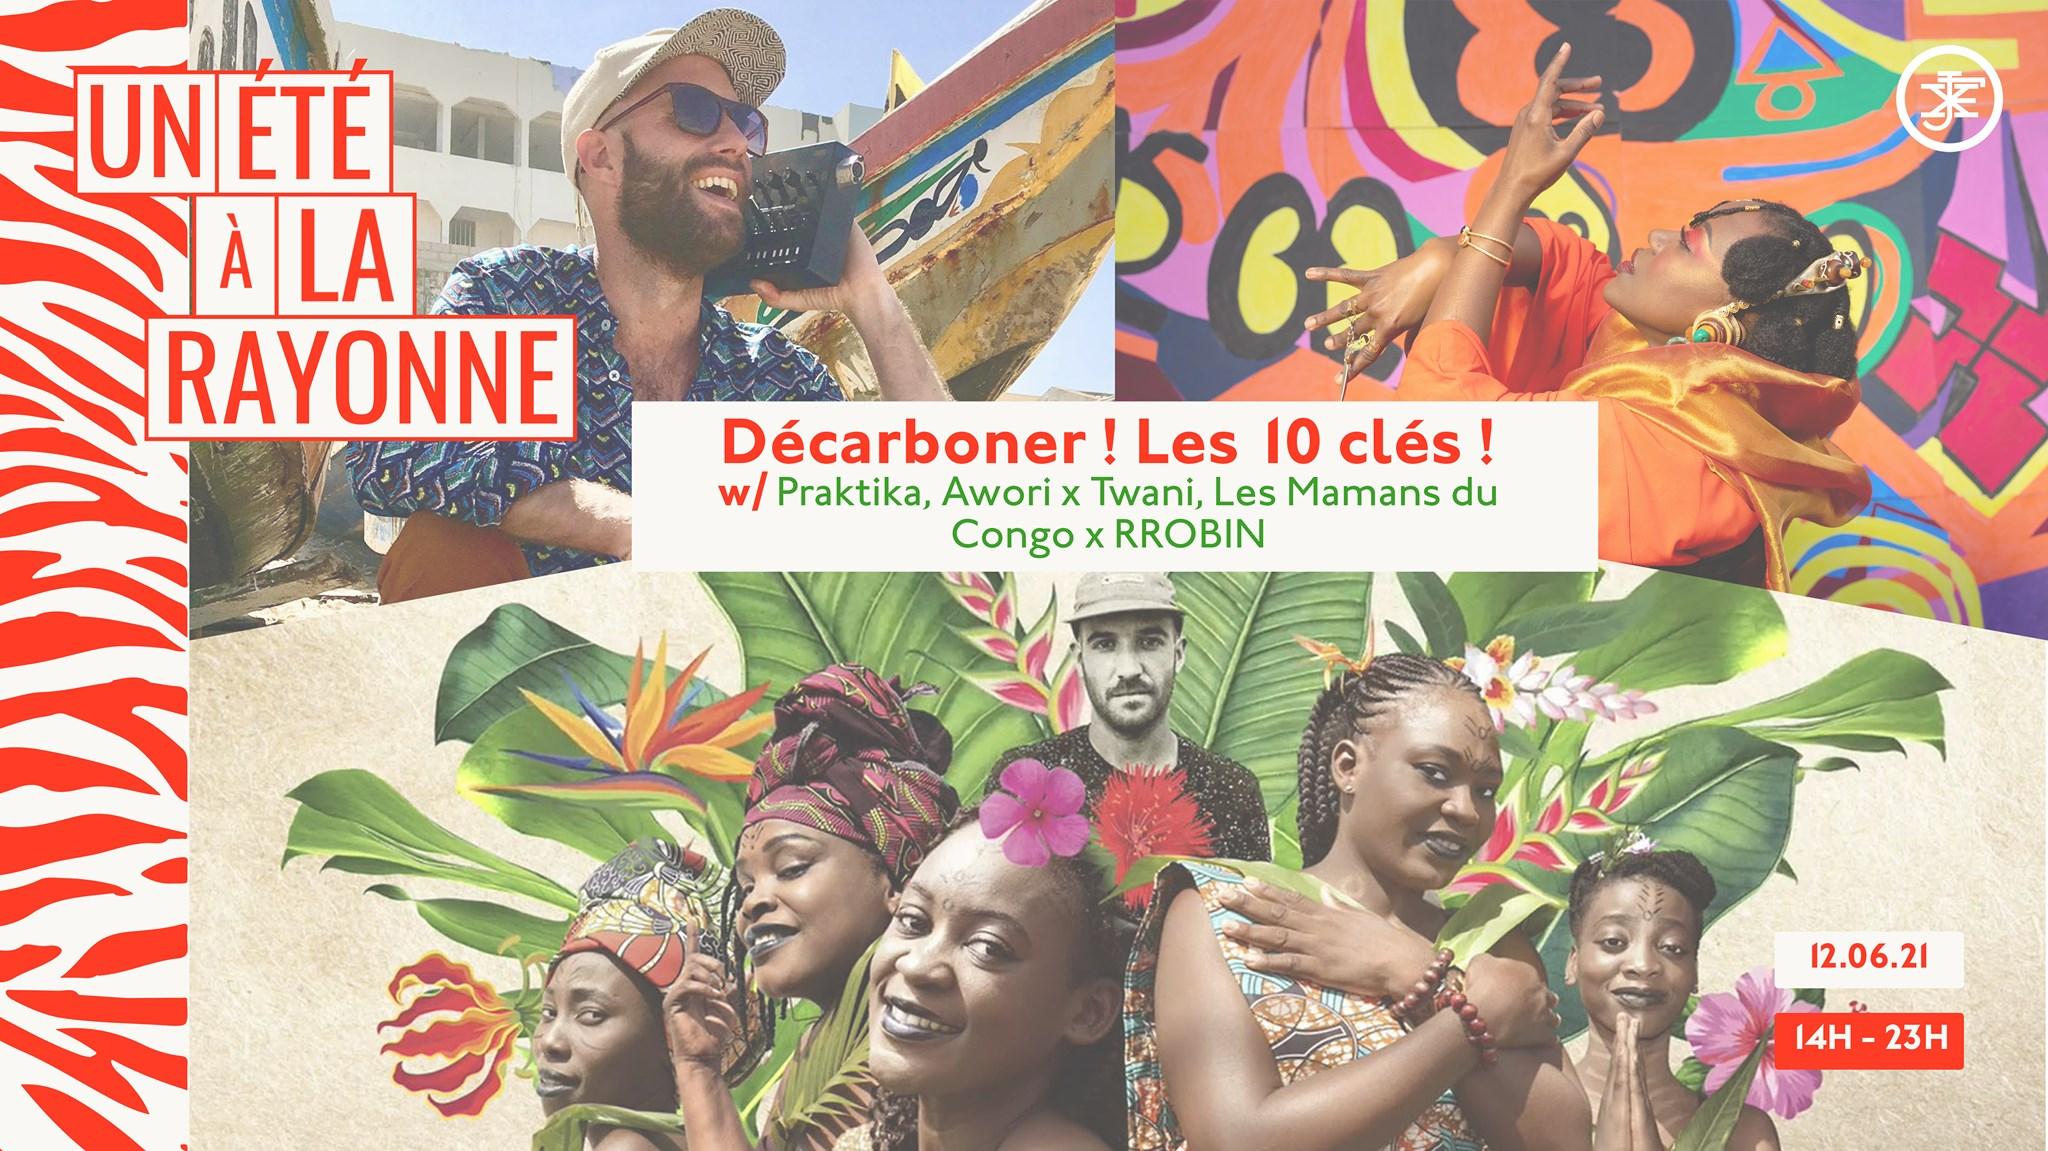 Décarboner l'événementiel, Praktika, Awori, Twani, Les Mamans du Congo, RROBIN